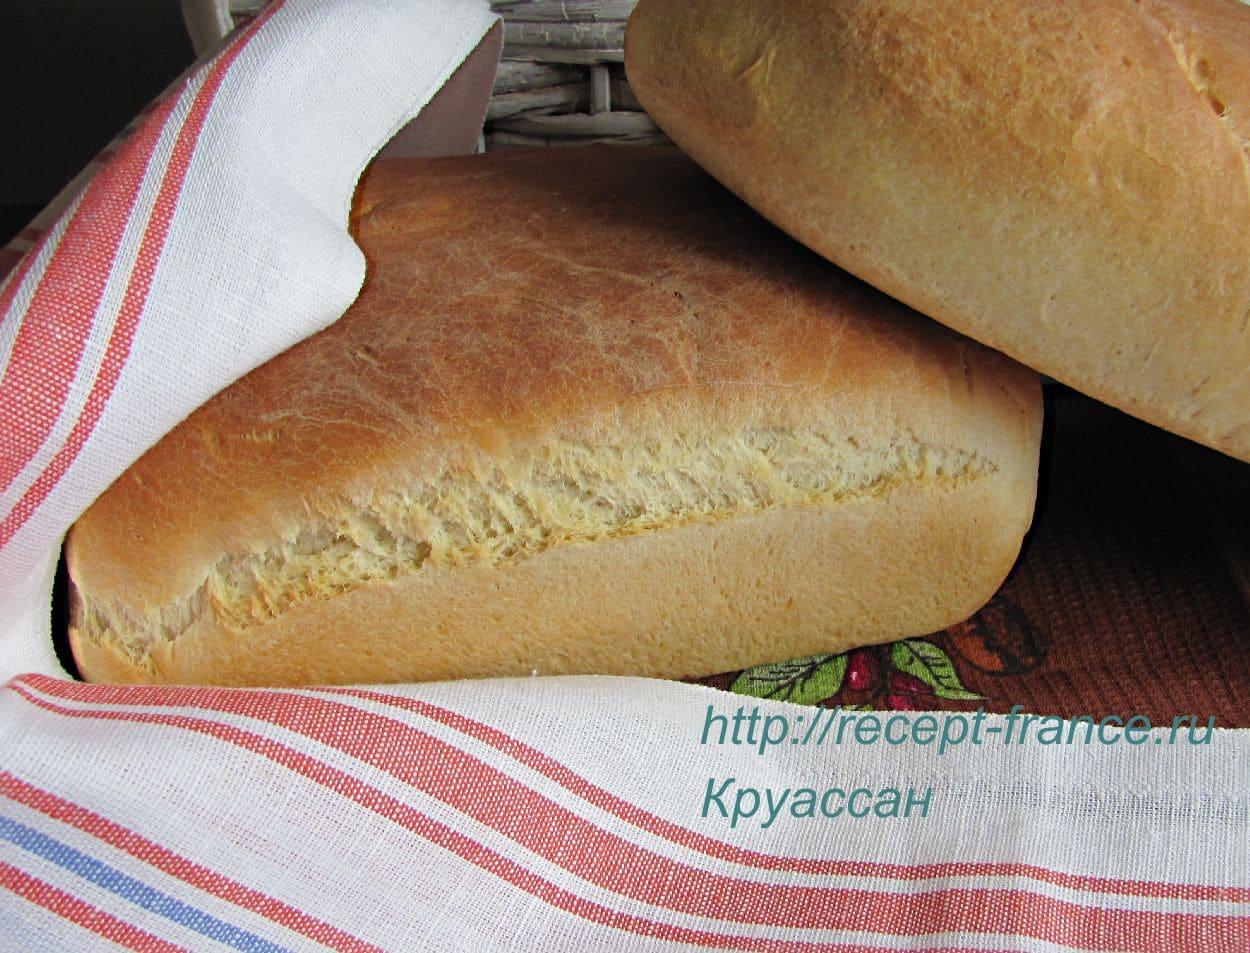 Рецепт французского хлеба